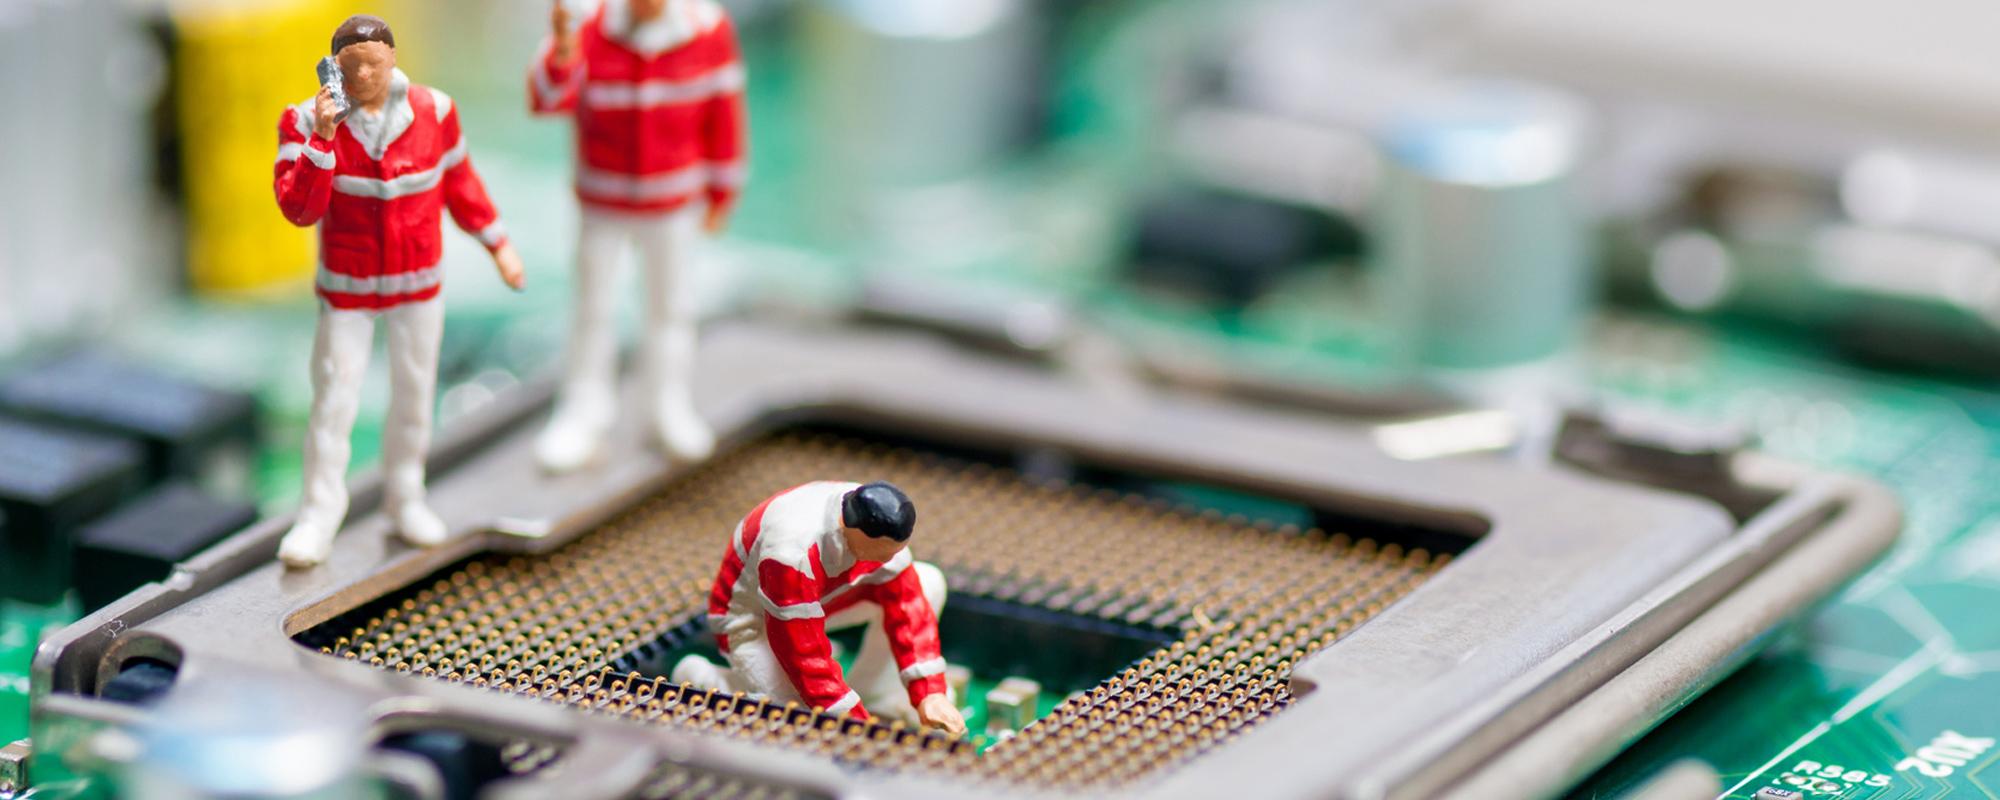 Hochentwickelte, sensible und teuere elektronische Geräte sind heute in sehr vielen Betrieben unentbehrliche Helfer bei der täglichen Arbeit. In fast                       allen Firmen sogar absolute Basis, um auf Dauer überhaupt ertragreich arbeiten zu können.                       Welche Auswirkungen hätte es für Ihren Betrieb, wenn Sie Ihre technischen Geräte nicht nutzen könnten und gleichzeitig für Ersatz sorgen                       müssten? fullsize